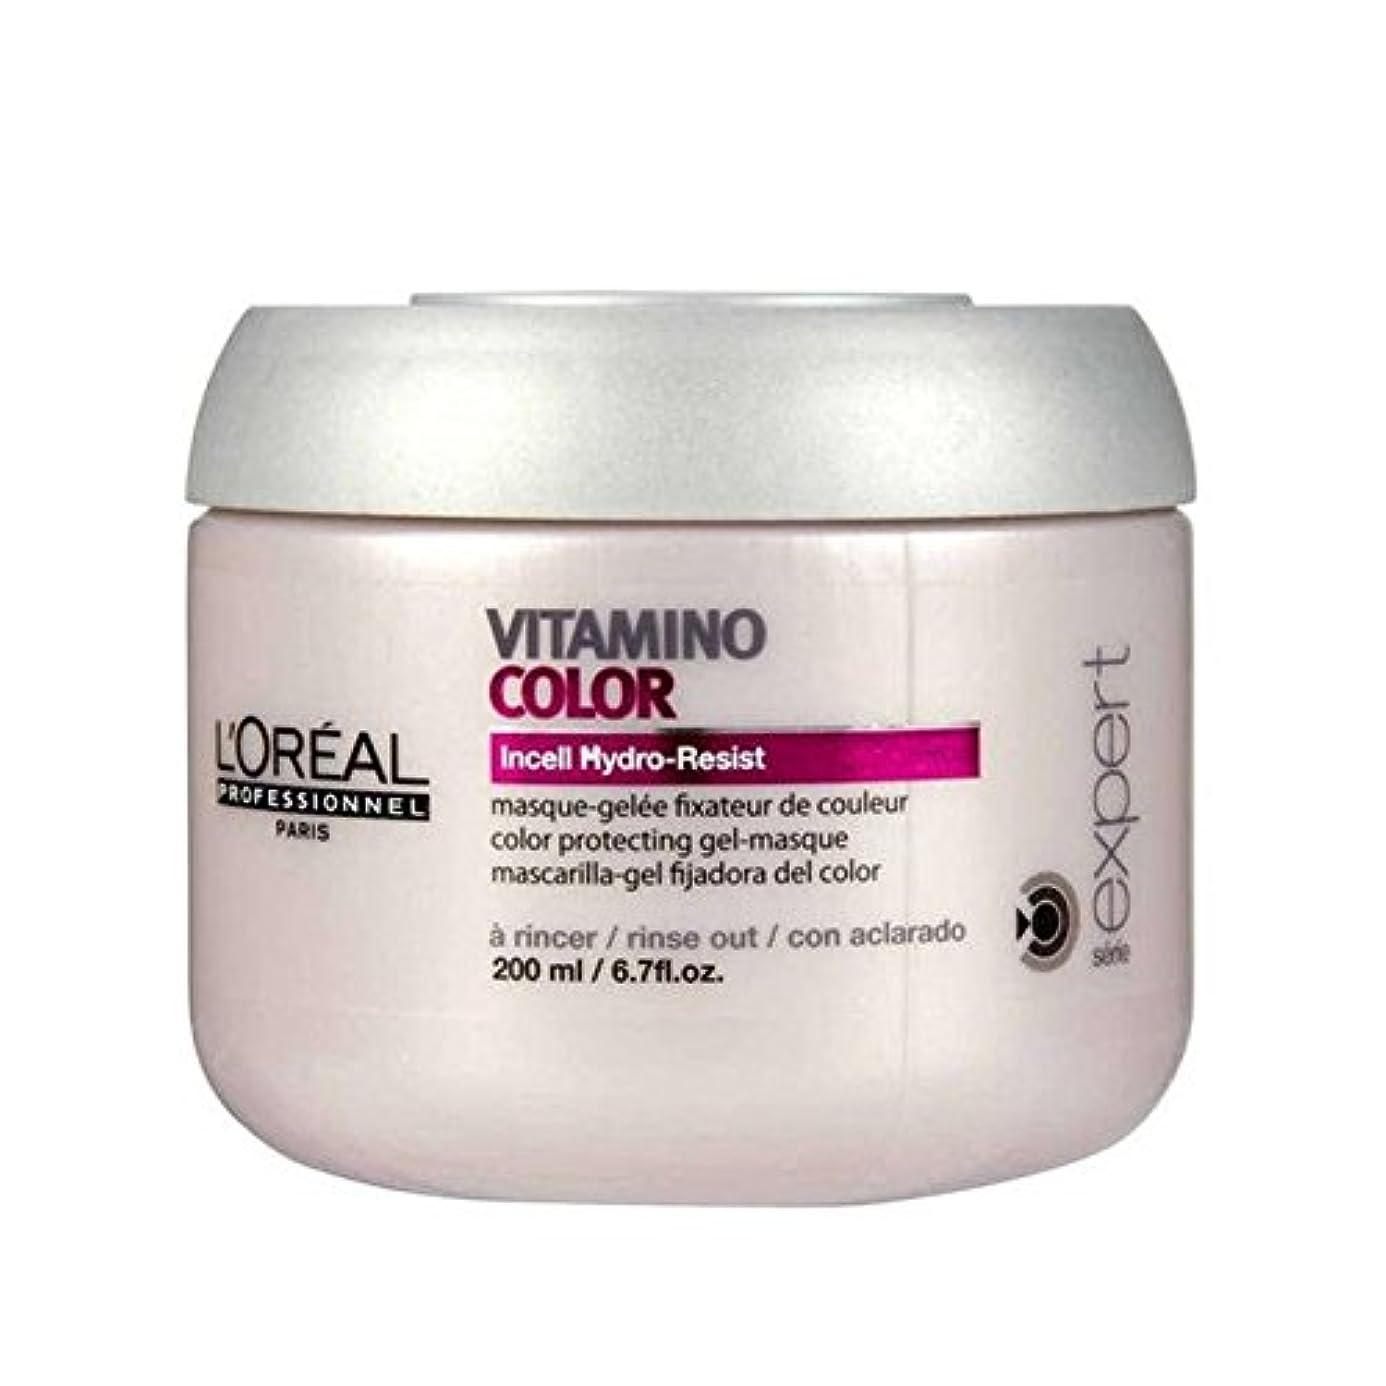 チキンとても多くの生産性L'Oreal Professionnel Serie Expert Vitamino Color Masque (200ml) (Pack of 6) - ロレアルのプロフェッショナルは、専門家カラー仮面劇(200ミリリットル)をセリエ x6 [並行輸入品]